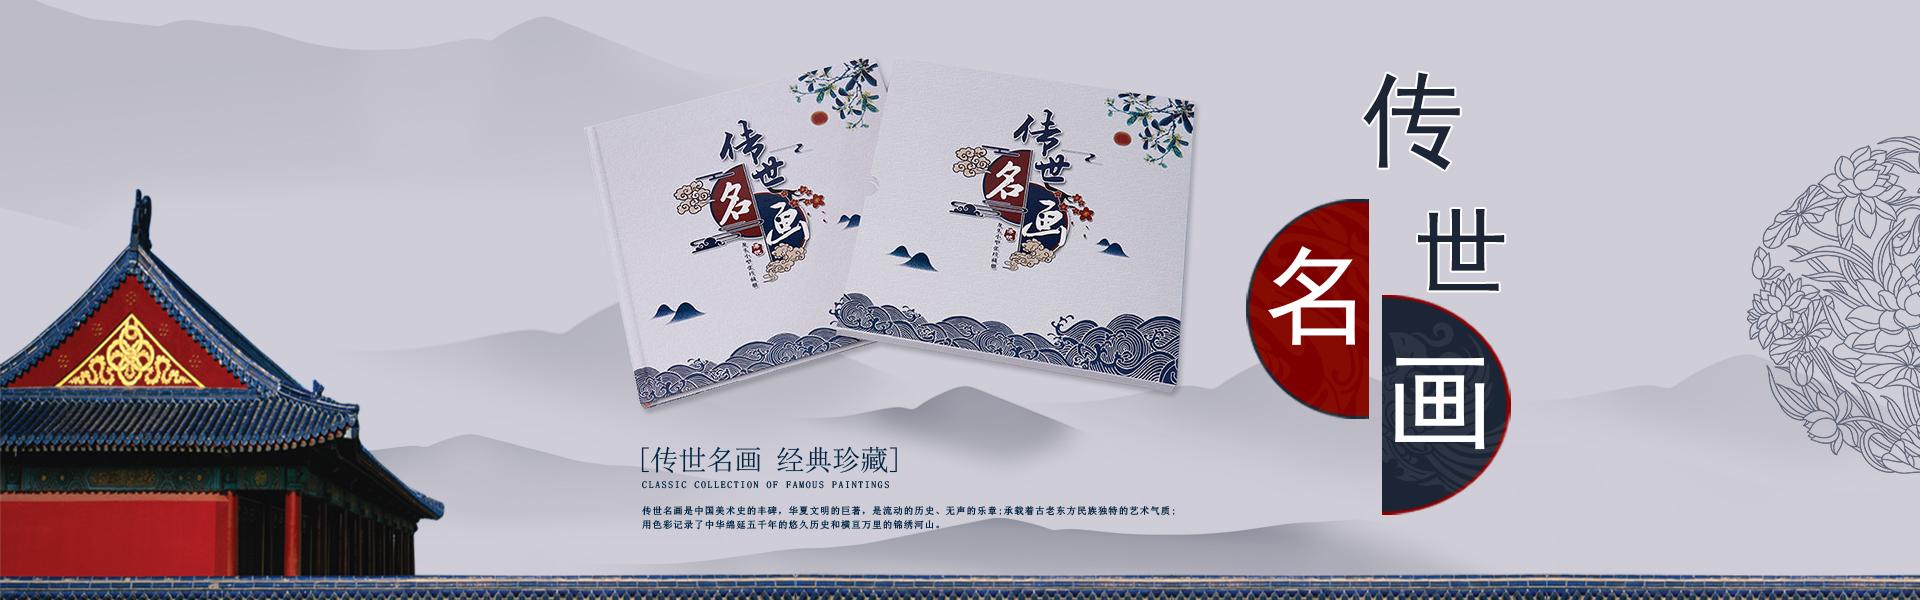 传世名画邮票